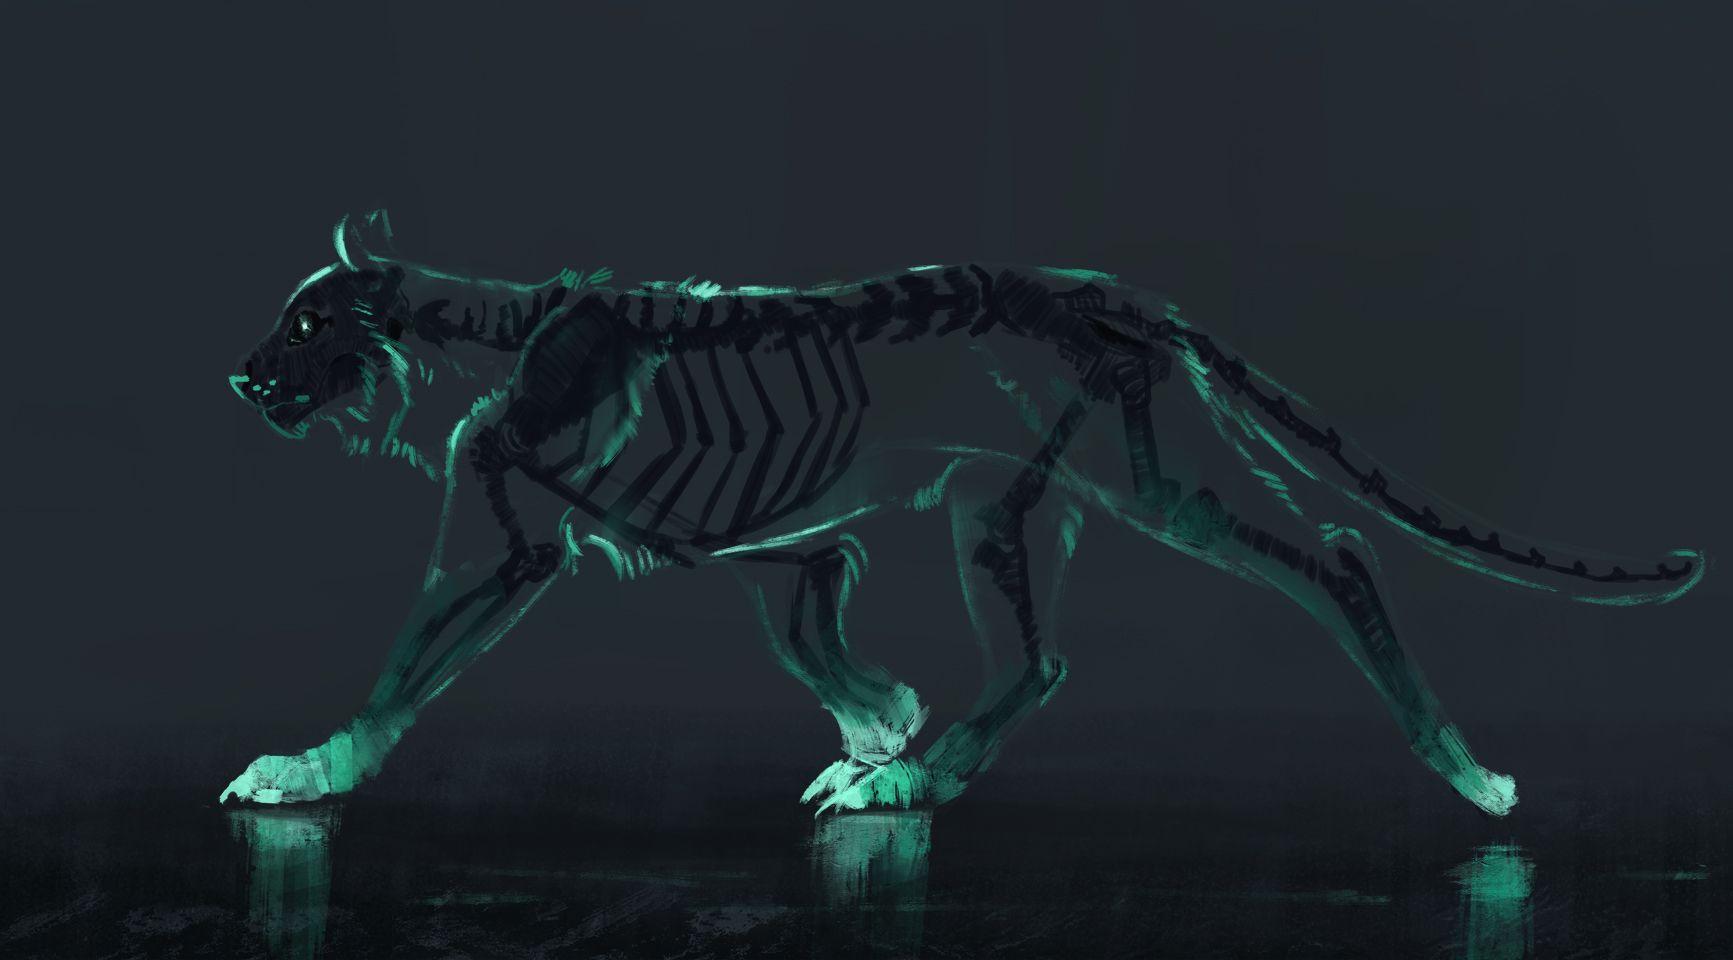 Farewell   Mythical creatures art, Big cats art, Creature art